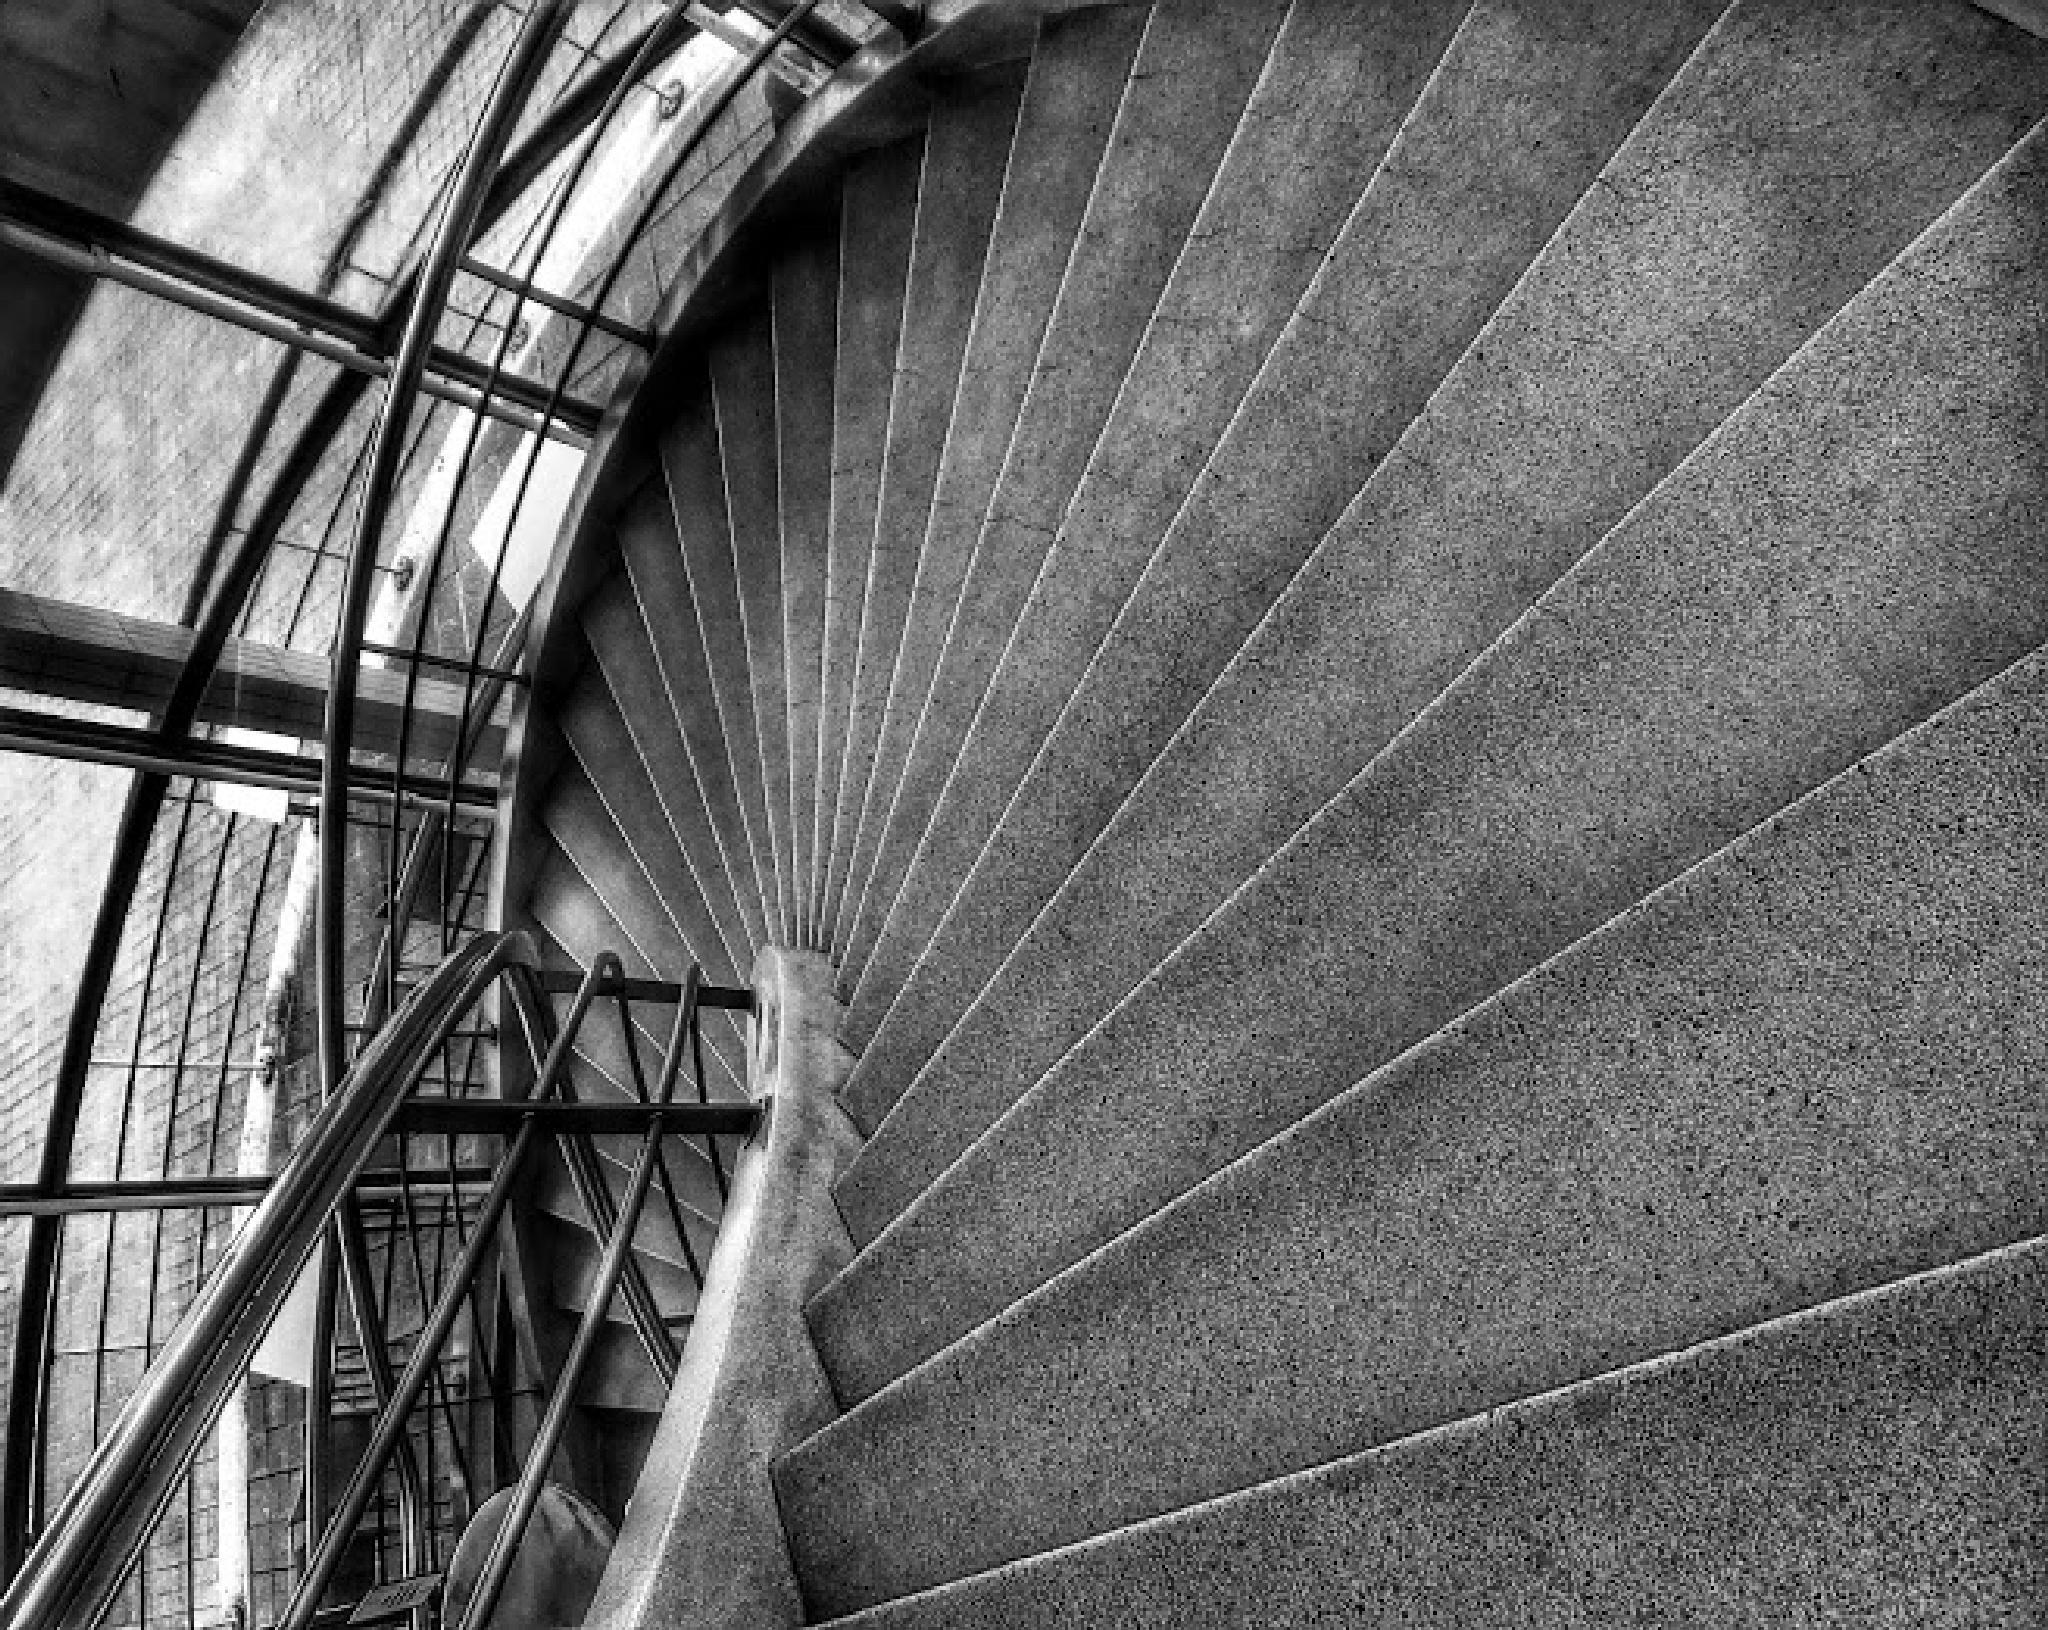 De La Warr stair by Jonathan Wood